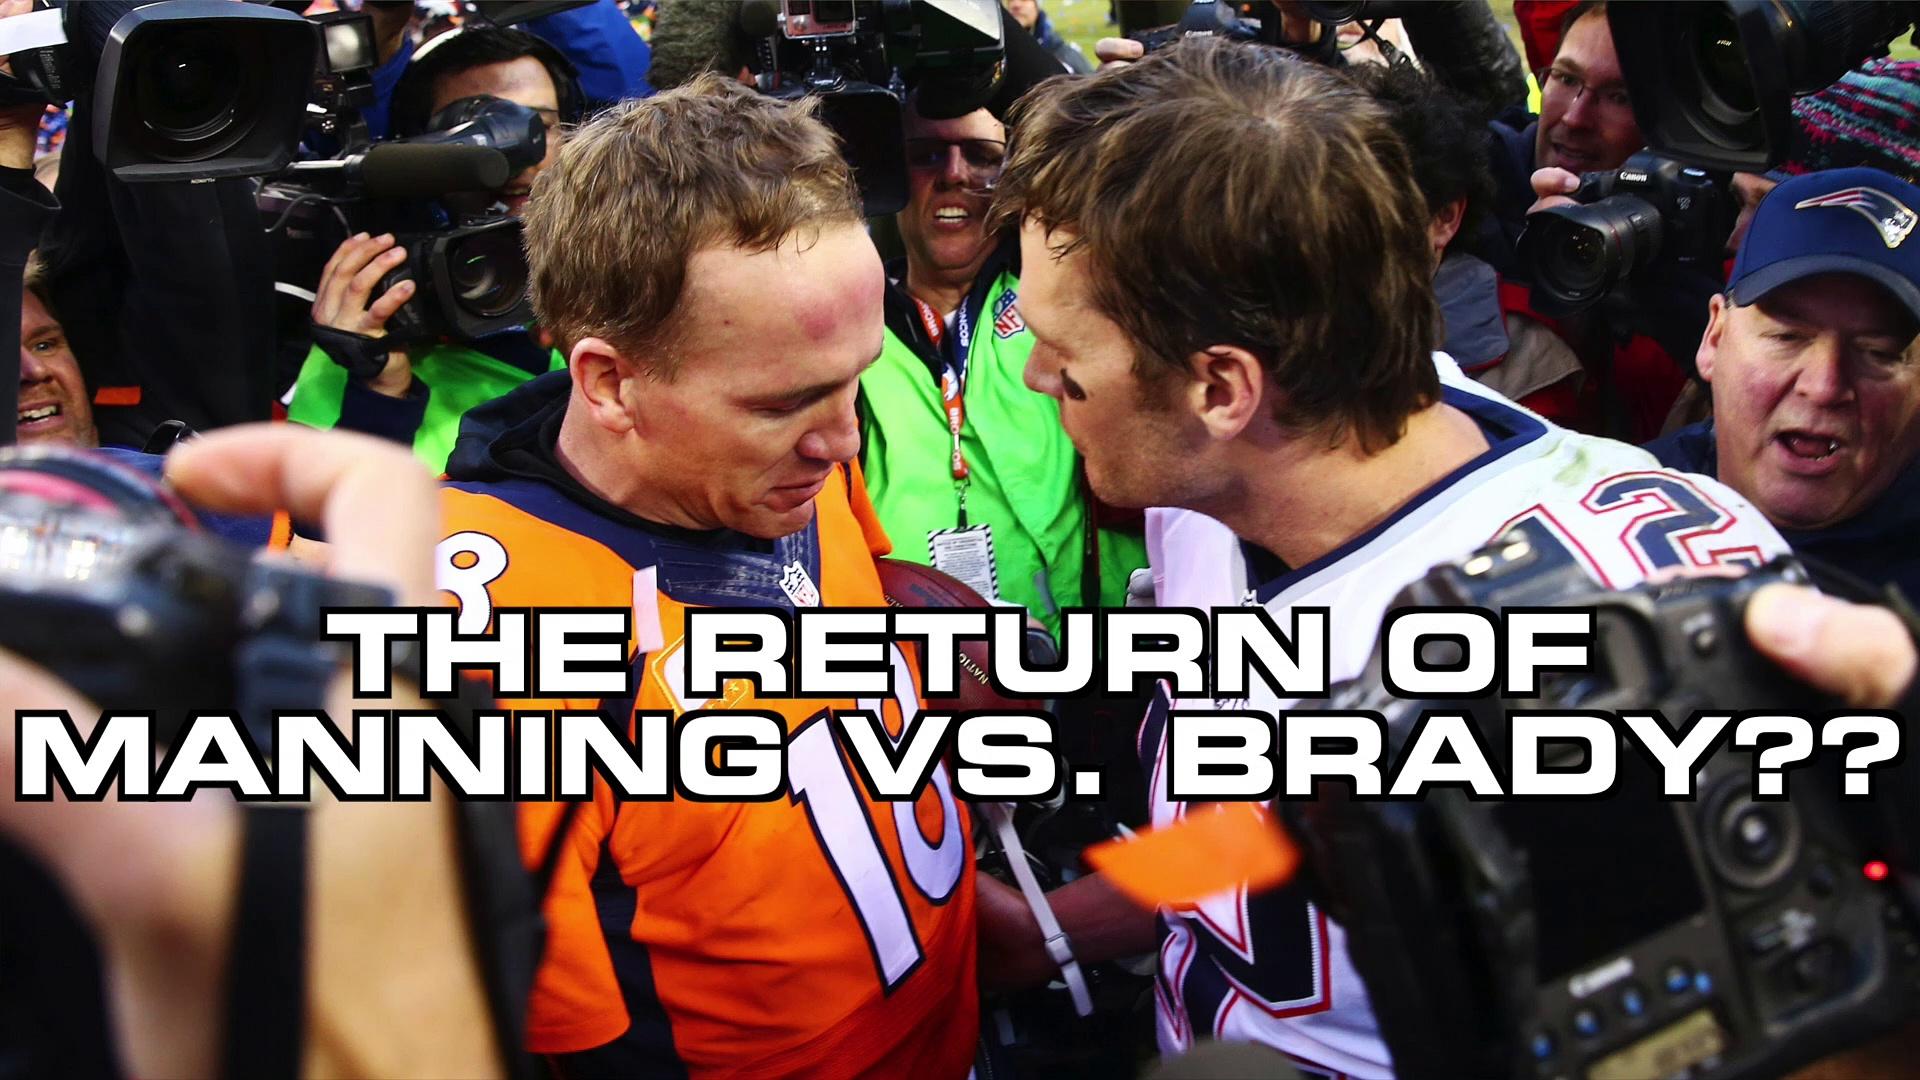 Peyton Manning: New York Jets General Manager?